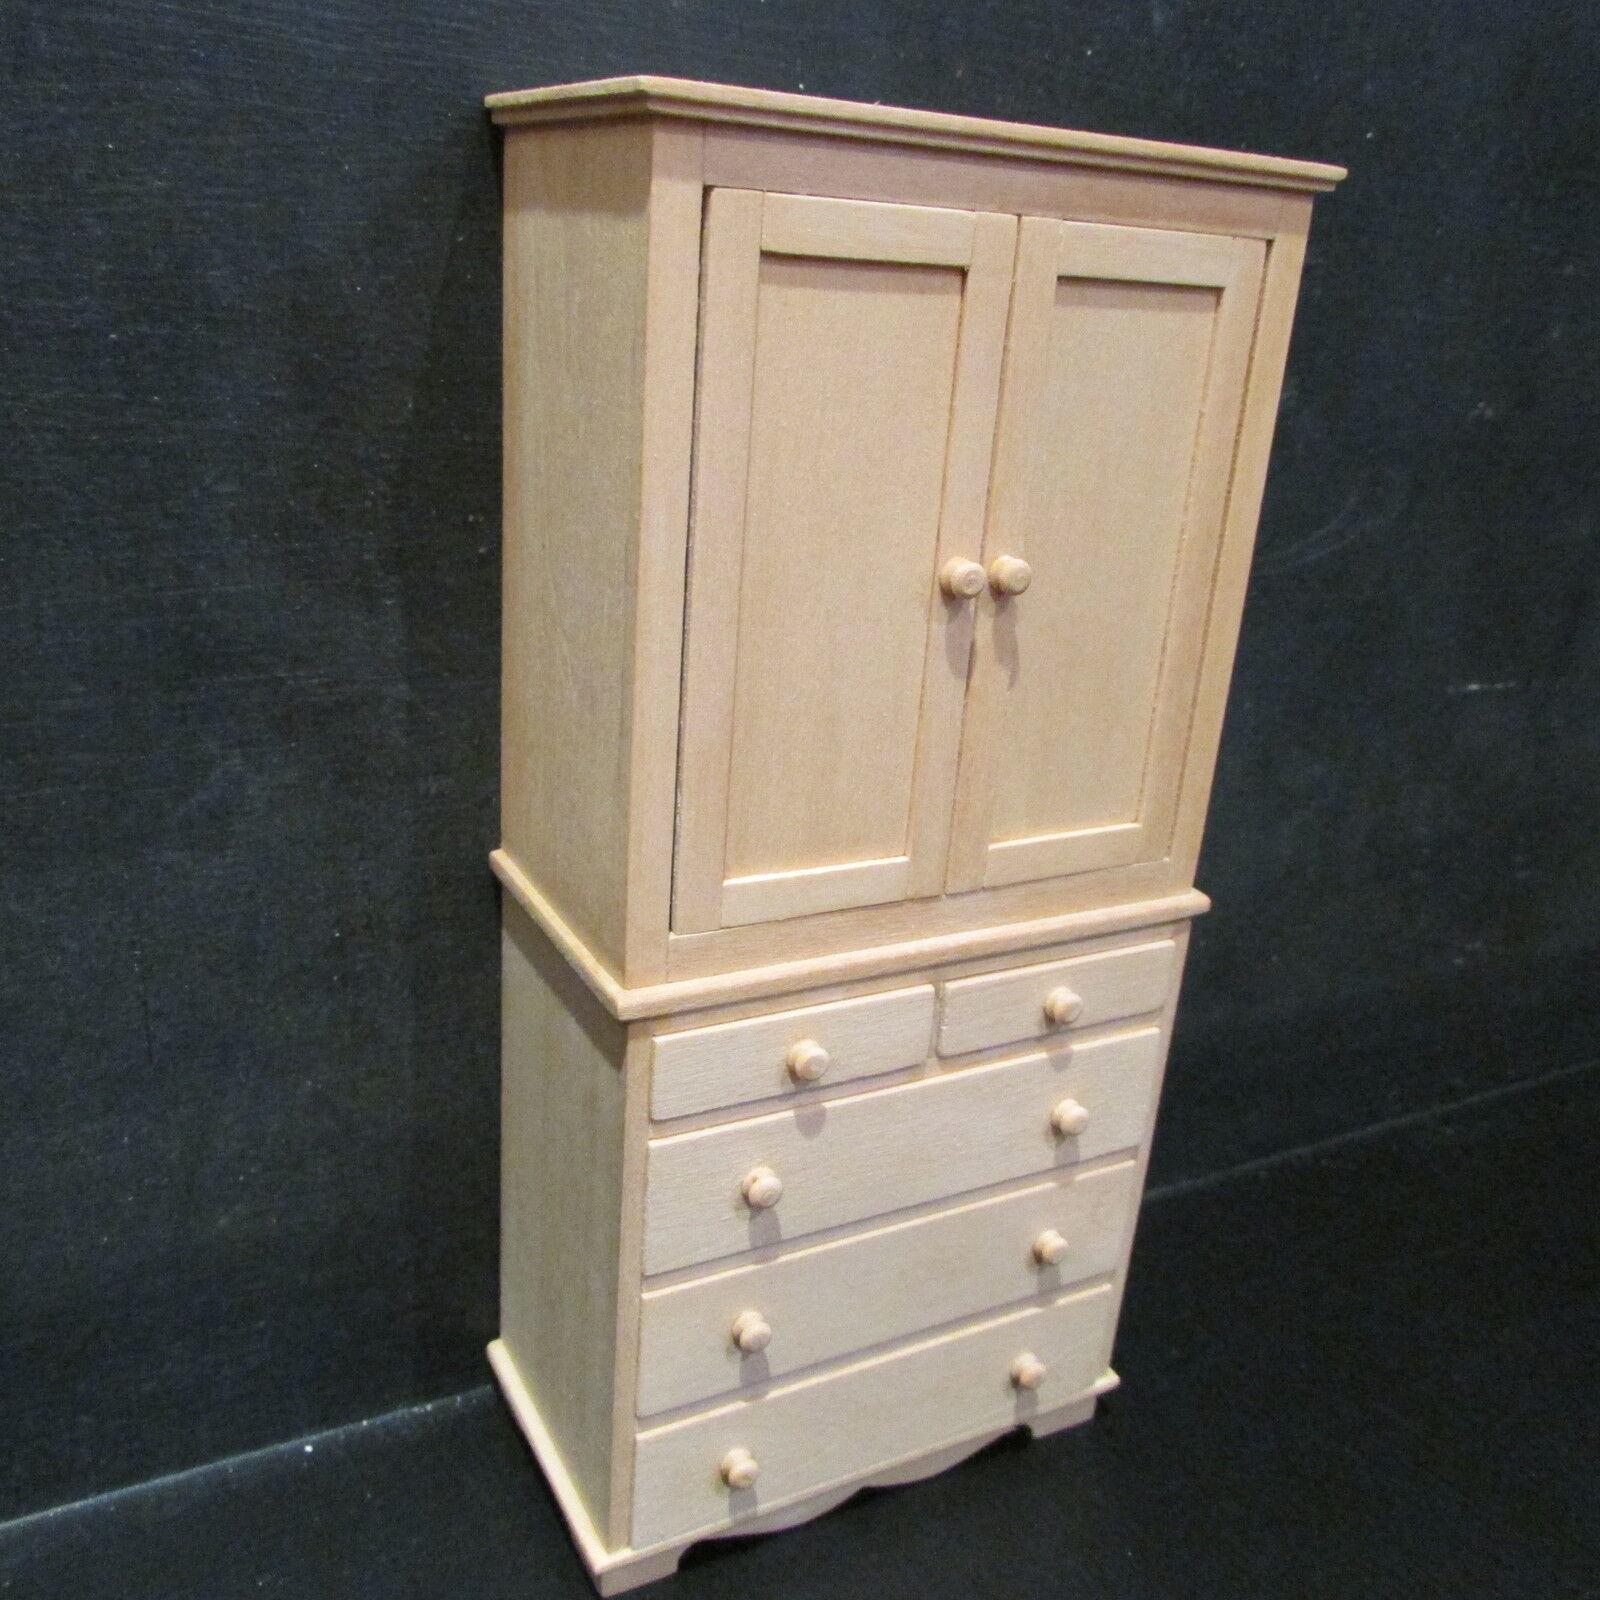 Chambre linge de presse / armoire en bois ~ ~ ~ ~ ~ dollhouse miniature l'échelle 1/12 2952c4